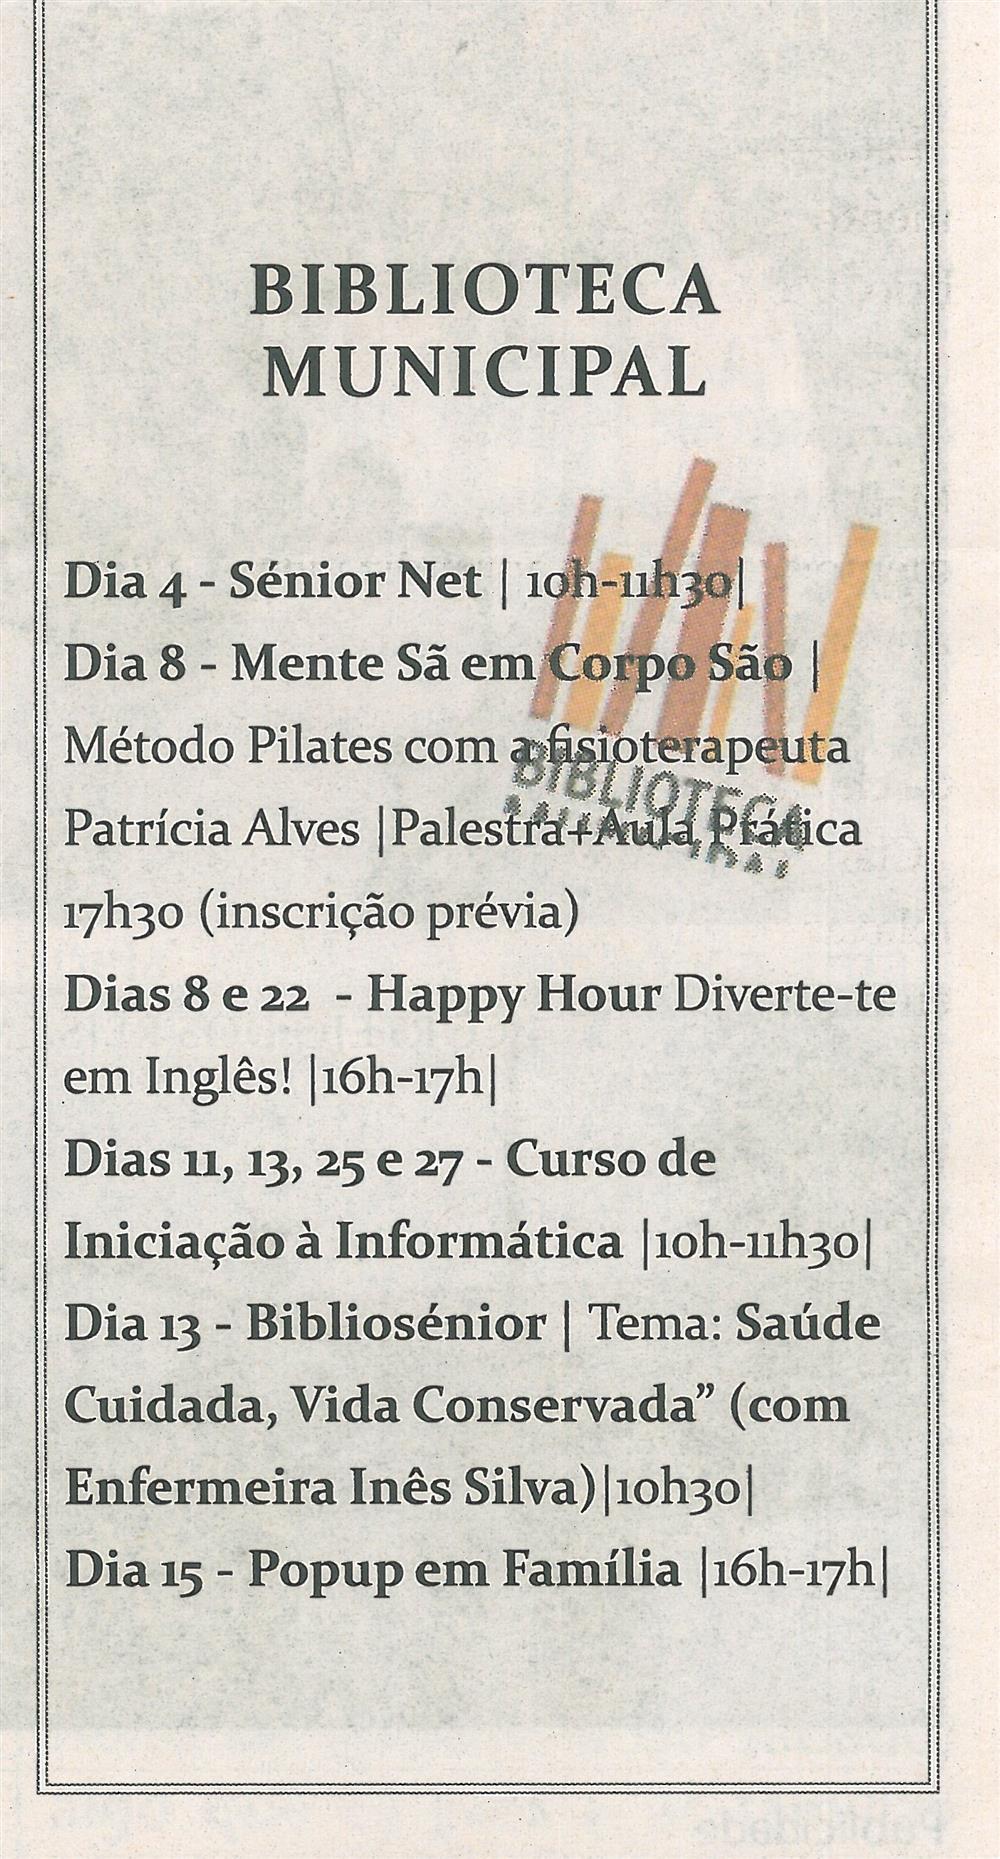 TV-fev'.14-p1.9-Cultura em Sever : fevereiro : Biblioteca Municipal.jpg